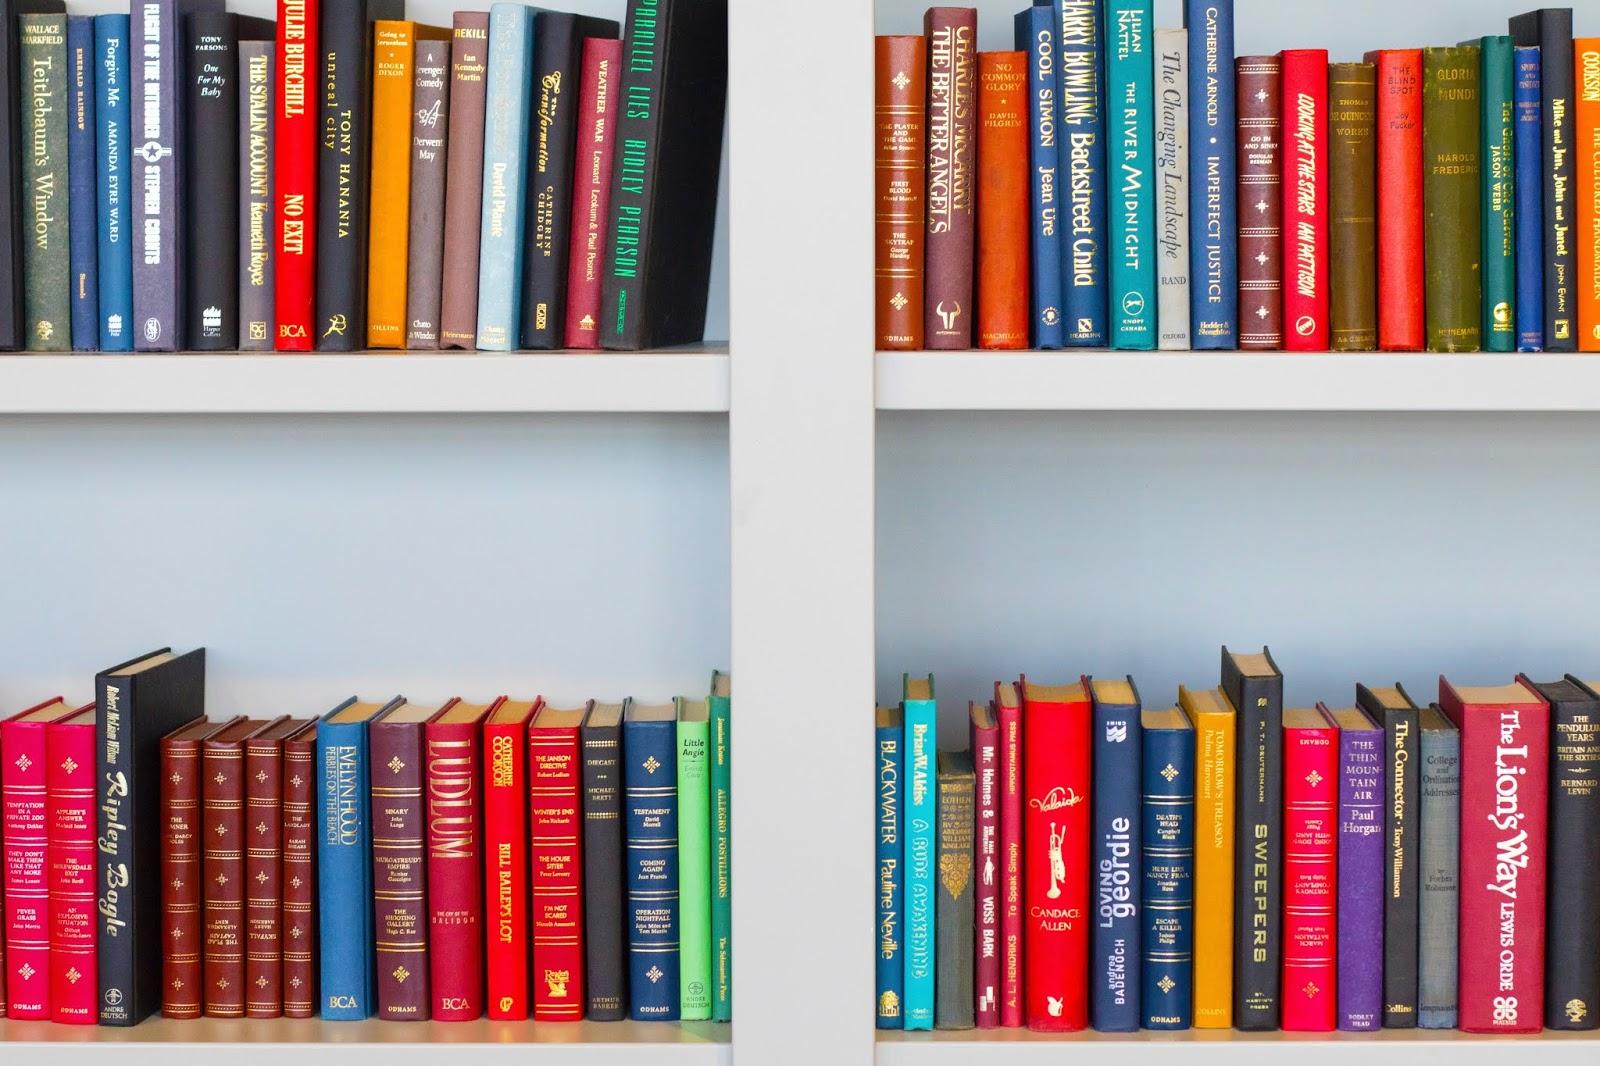 Como organizar livros na estante